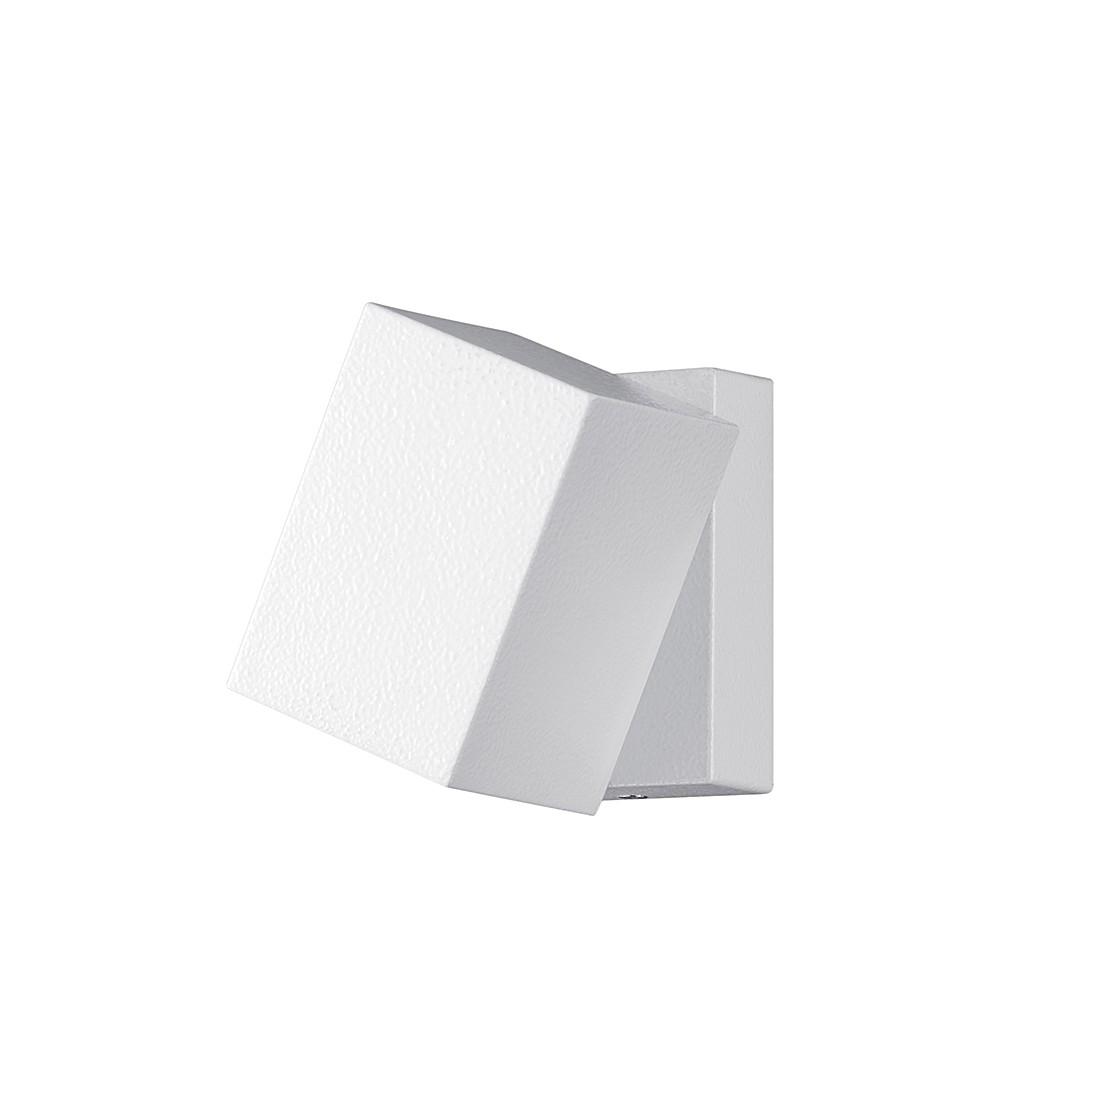 EEK A+, LED-Außenleuchte Tiber - Aluminium / Kunststoff - Weiß - 1-flammig, Trio